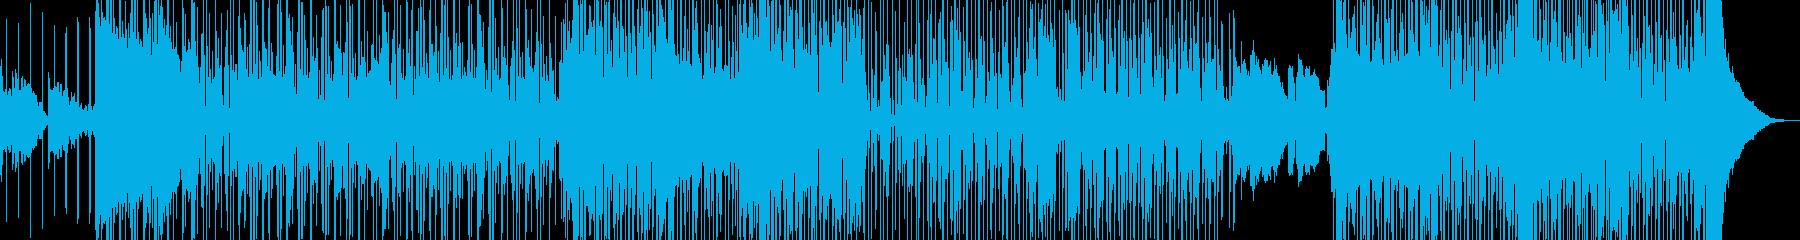 オシャレR&B・後半リズム変化・シンセ無の再生済みの波形